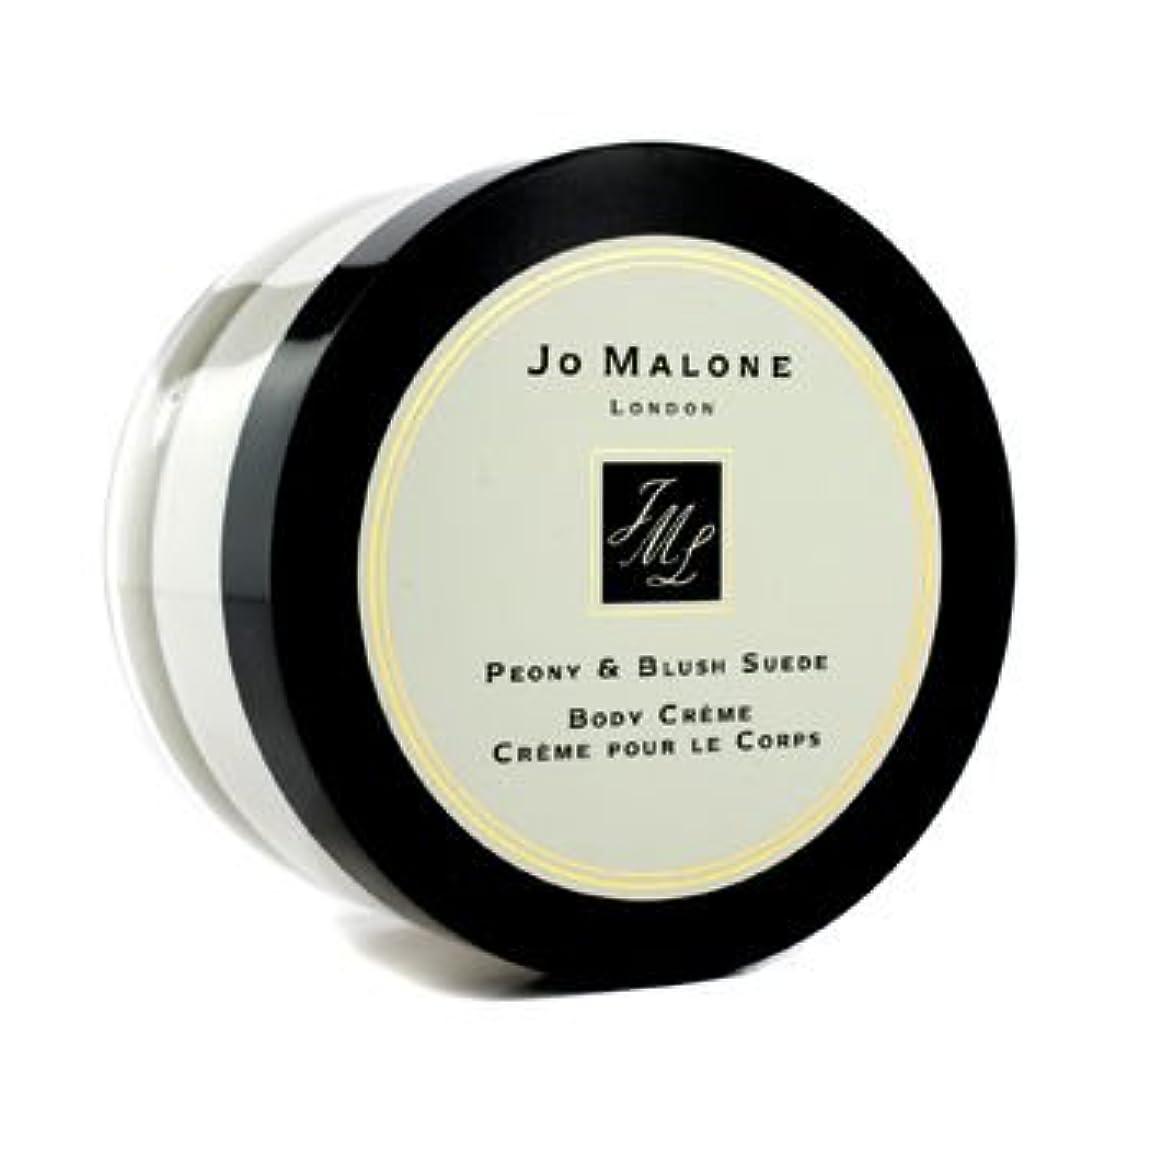 肥沃な血色の良い資源ジョーマローン ピオニー & ブラッシュ スエード ボディ クリーム 175ml/5.9oz並行輸入品